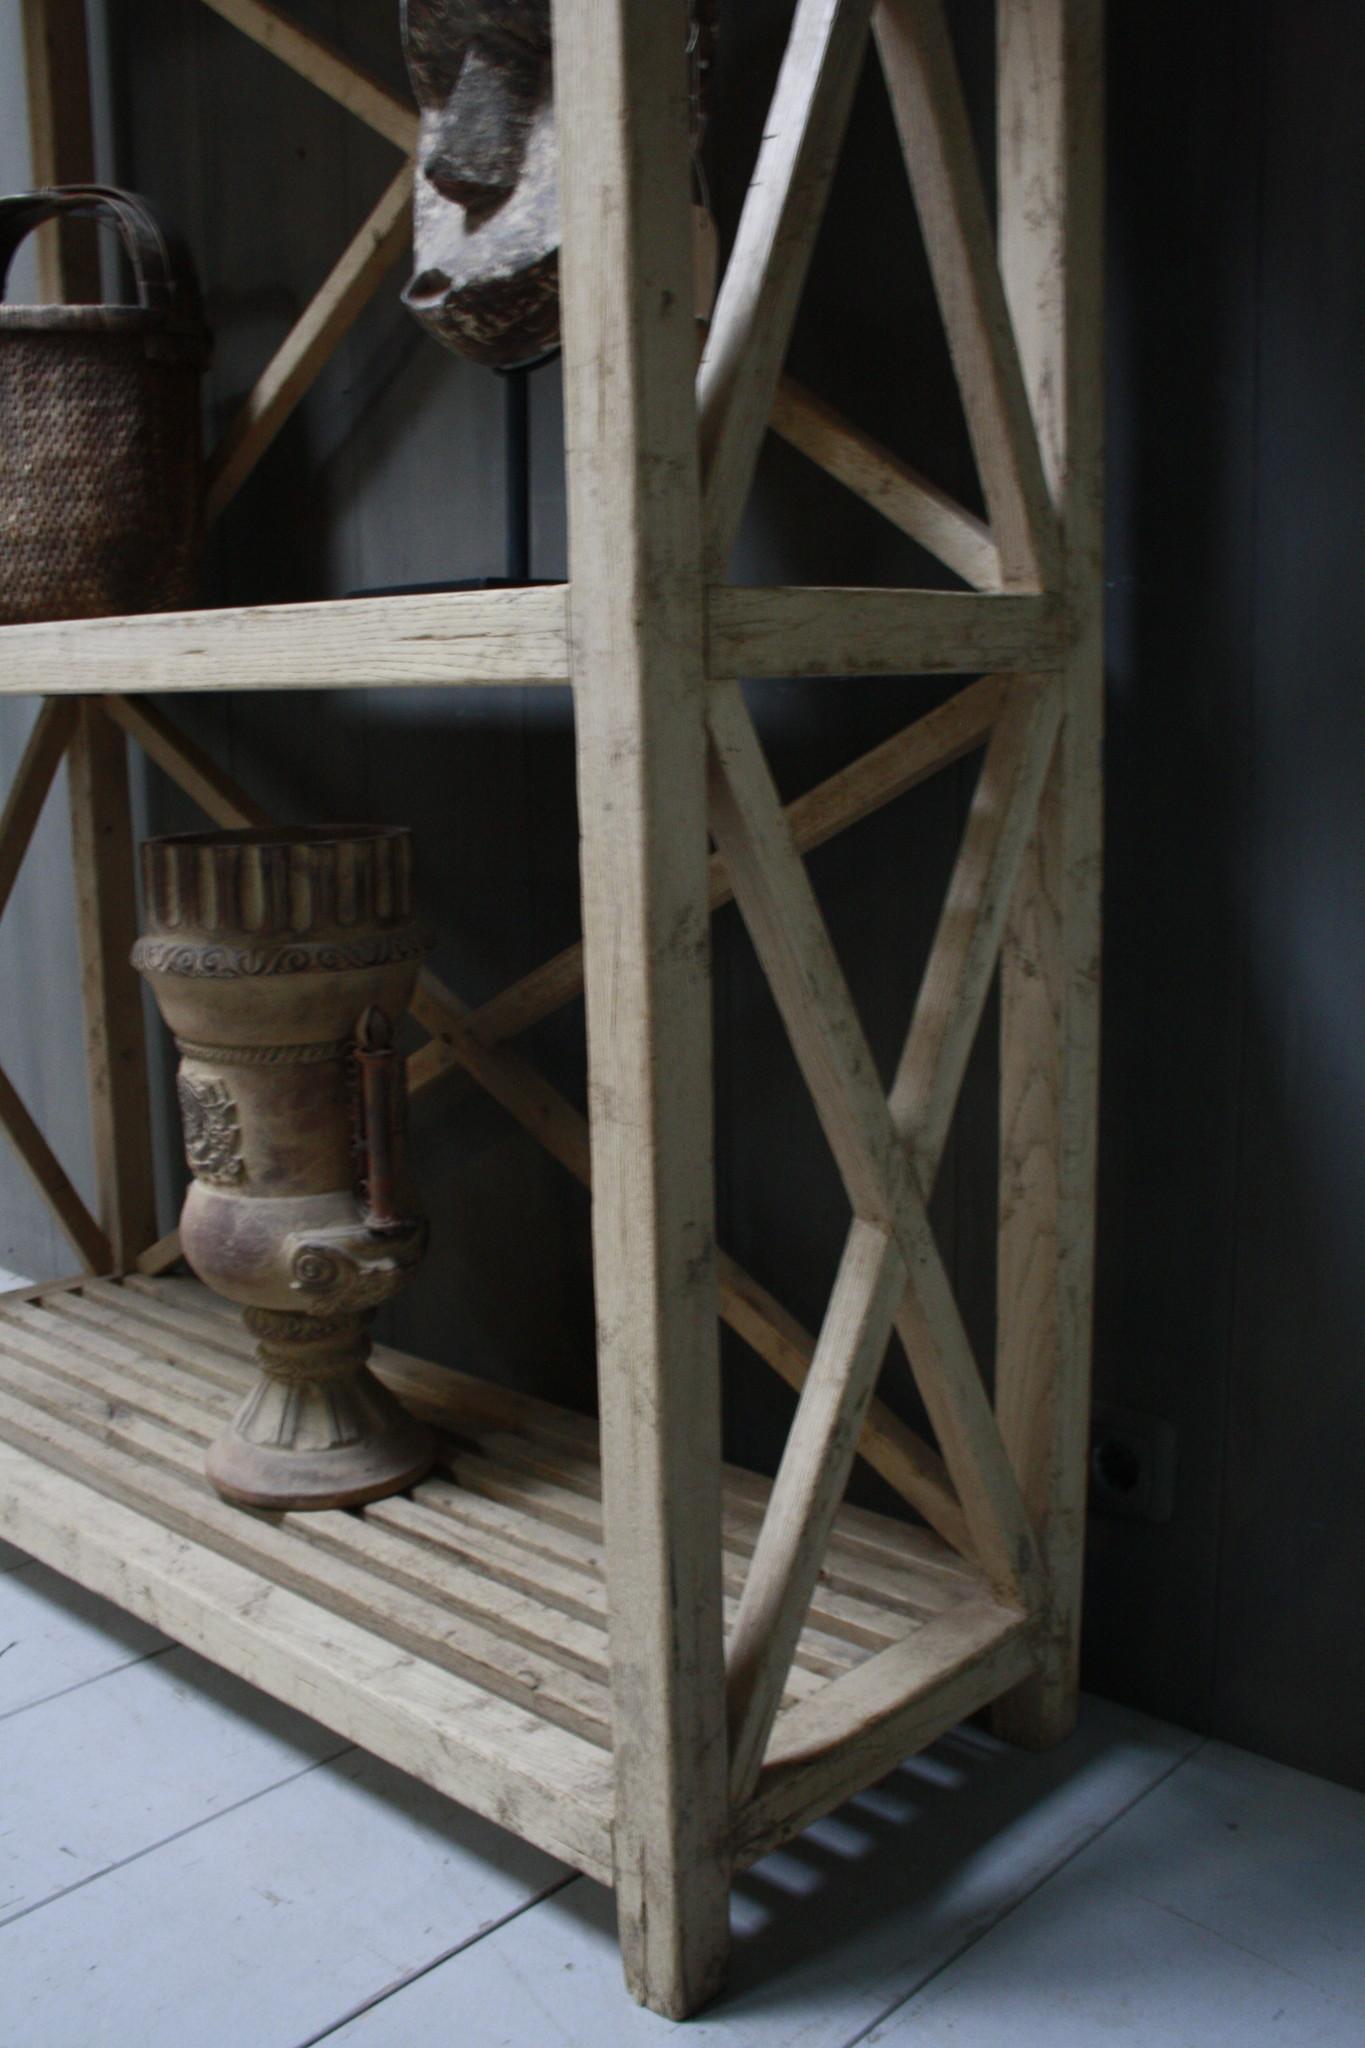 Ralph Lauren Avaro Hoge Houten Open Kast 237 cm 3-vaks Ralp Lauren-6